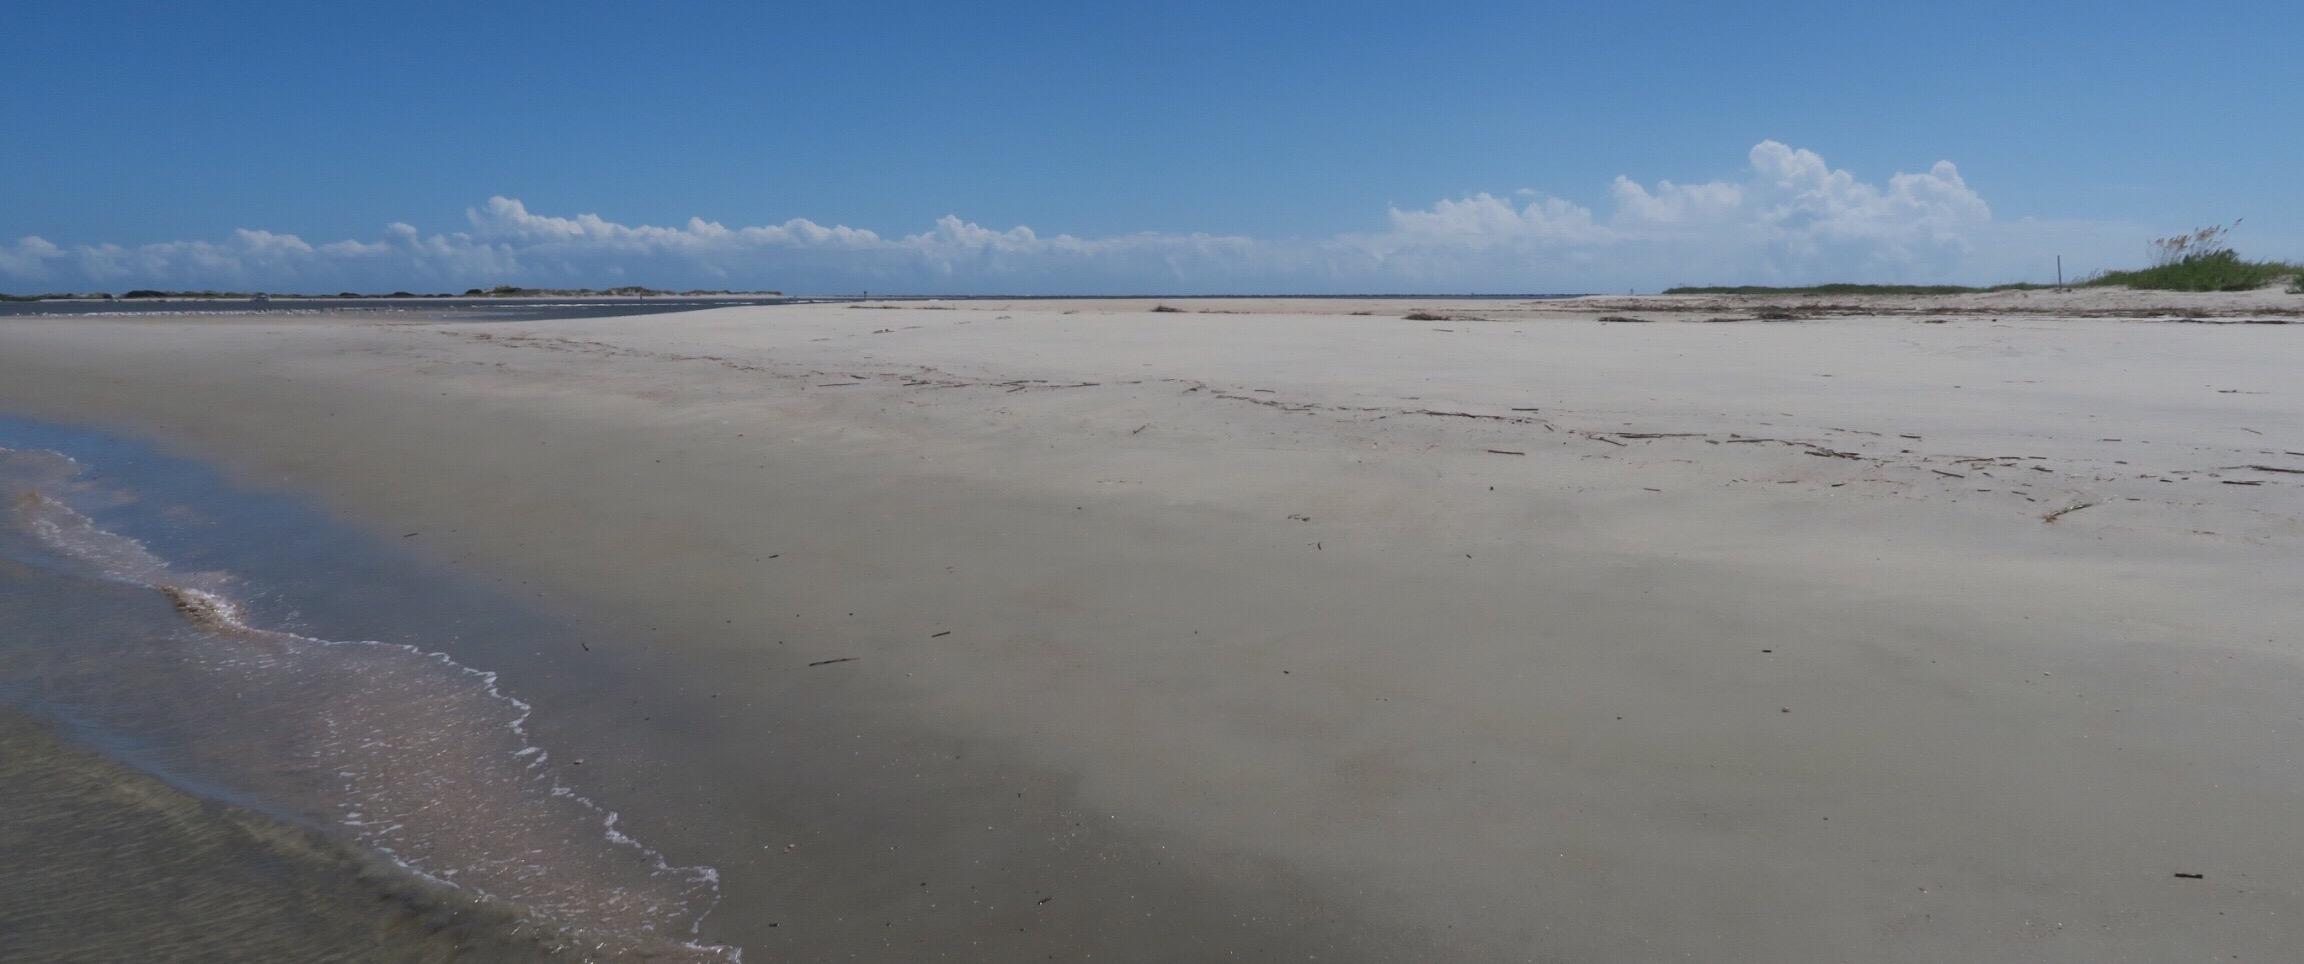 Myrtle Beach Sand Bar